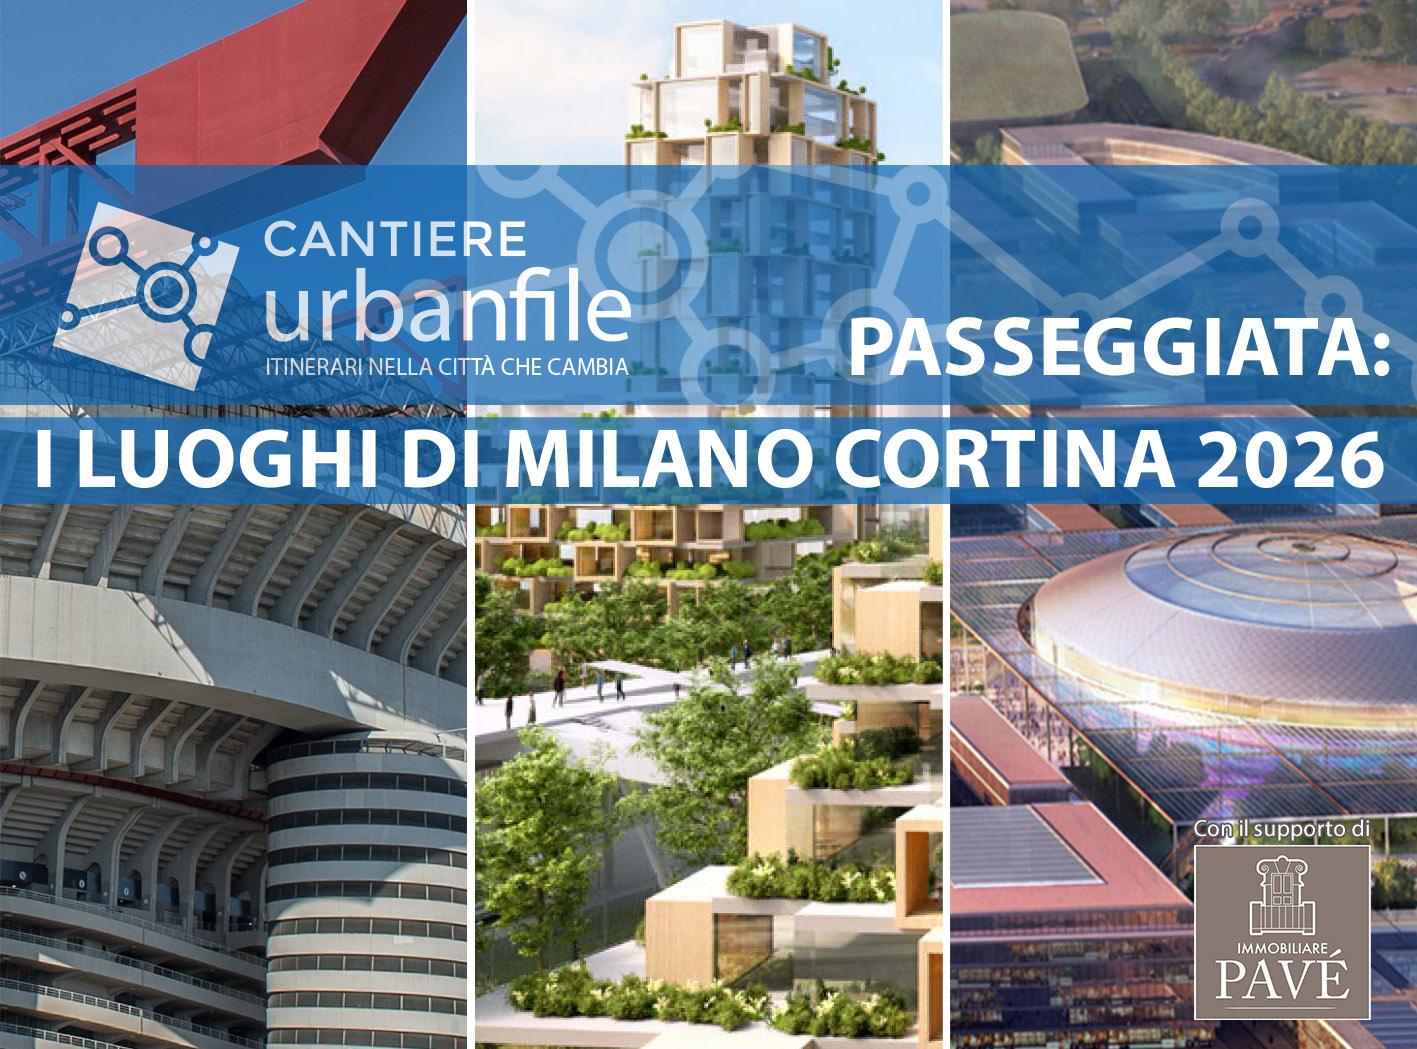 Milano | Cantiere Urbanfile: passeggiata nei luoghi di Milano-Cortina 2026